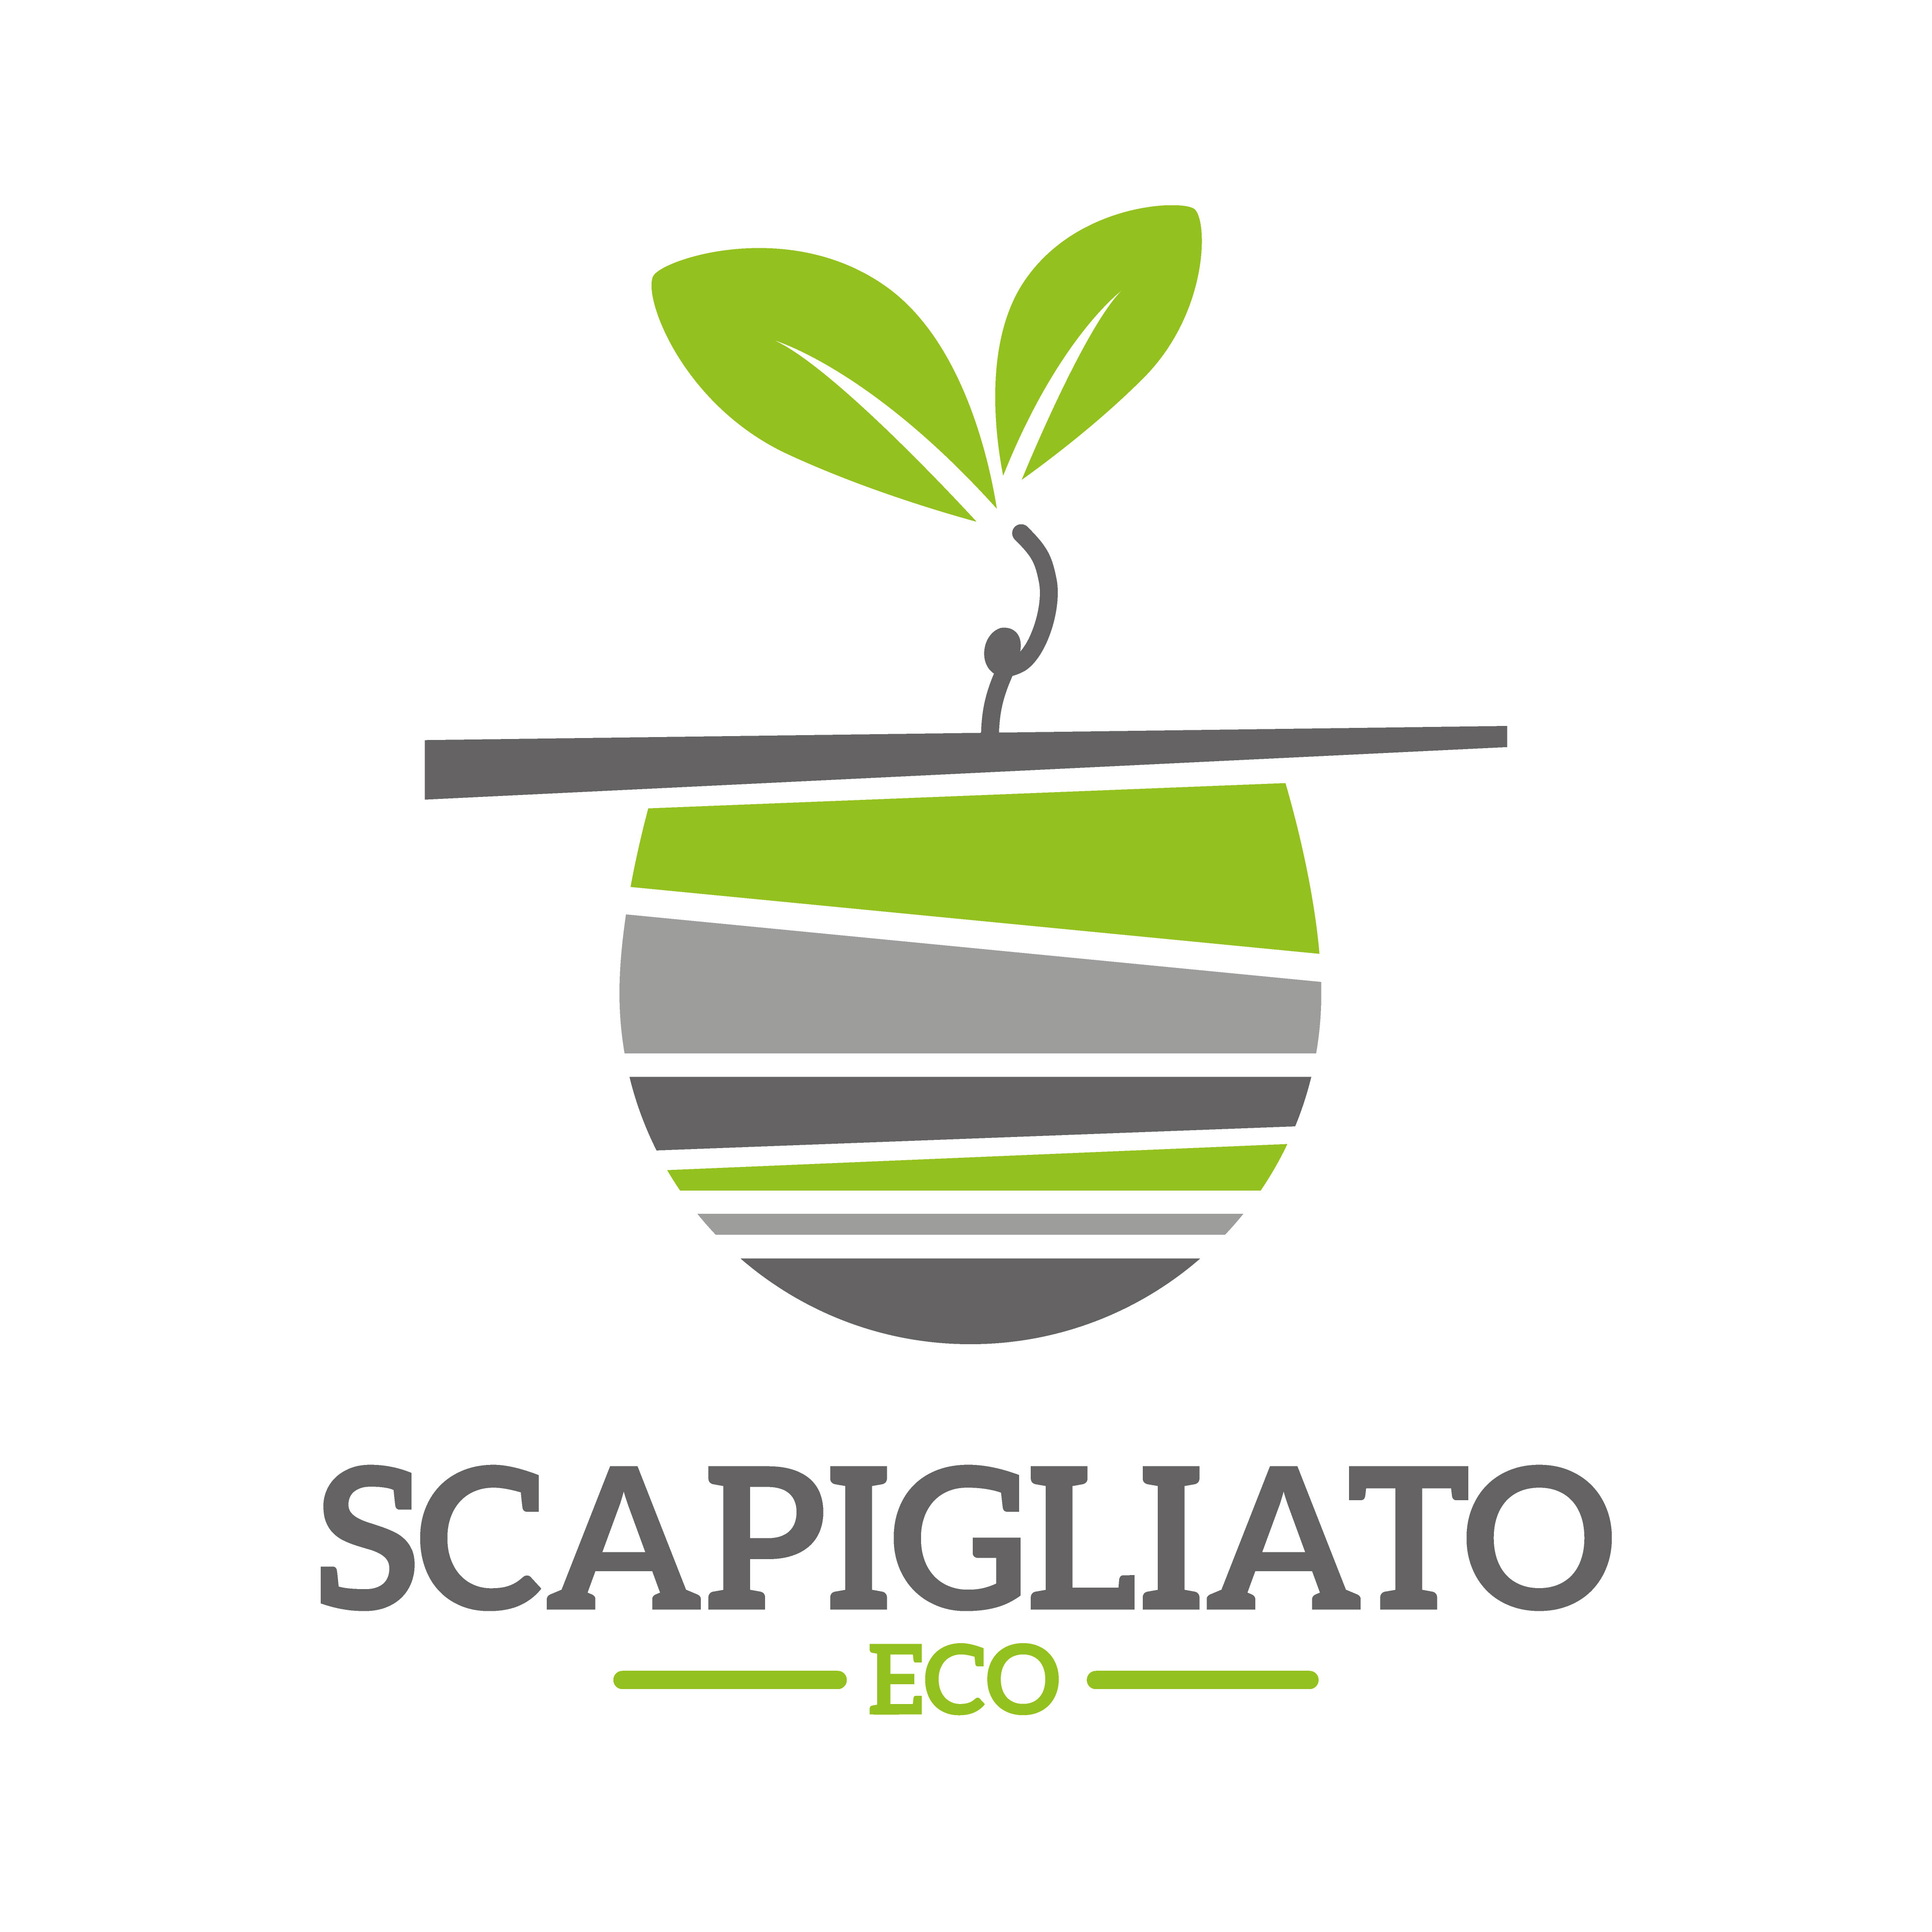 SCAPIGLIATO – Eco